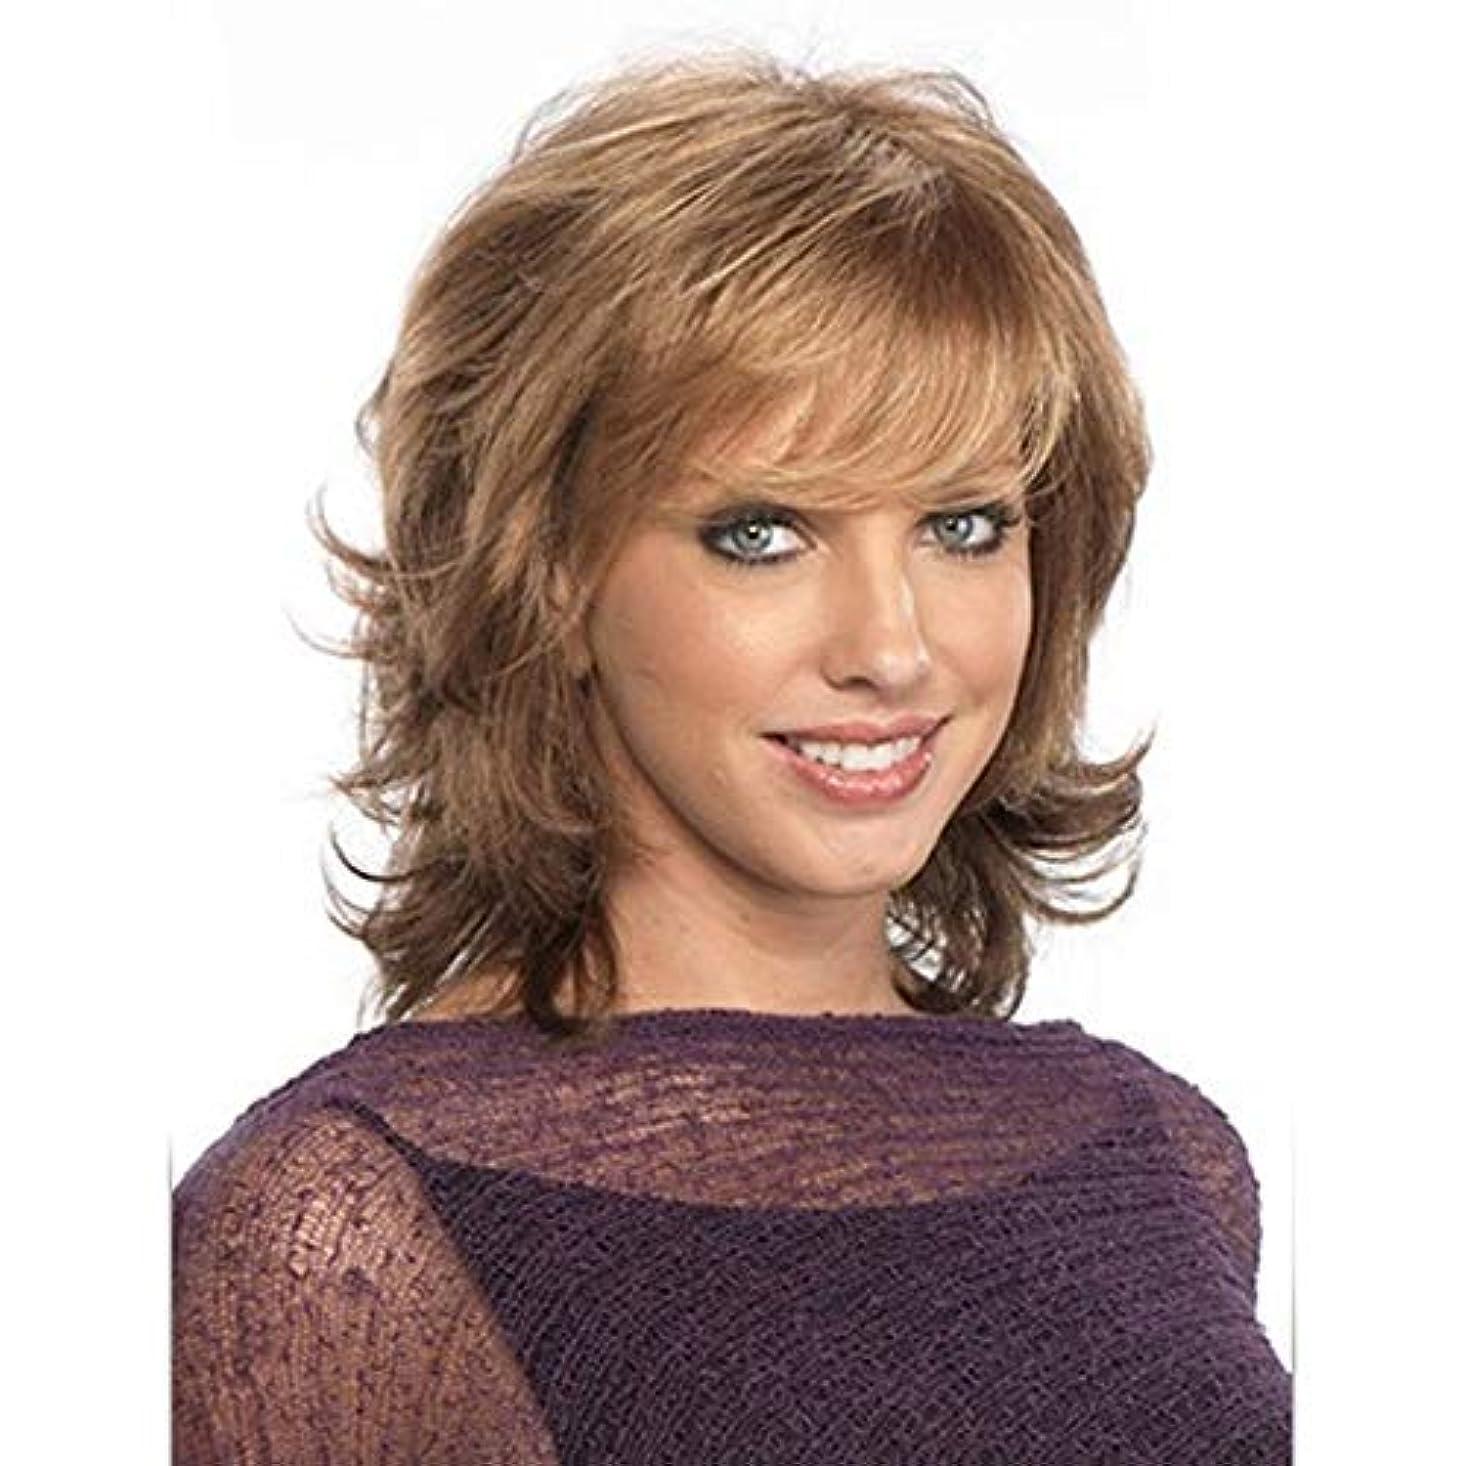 上快い道に迷いましたWASAIO 女性のブロンドのショートカーリー波状かつら人工毛ウィッグ (色 : Blonde)